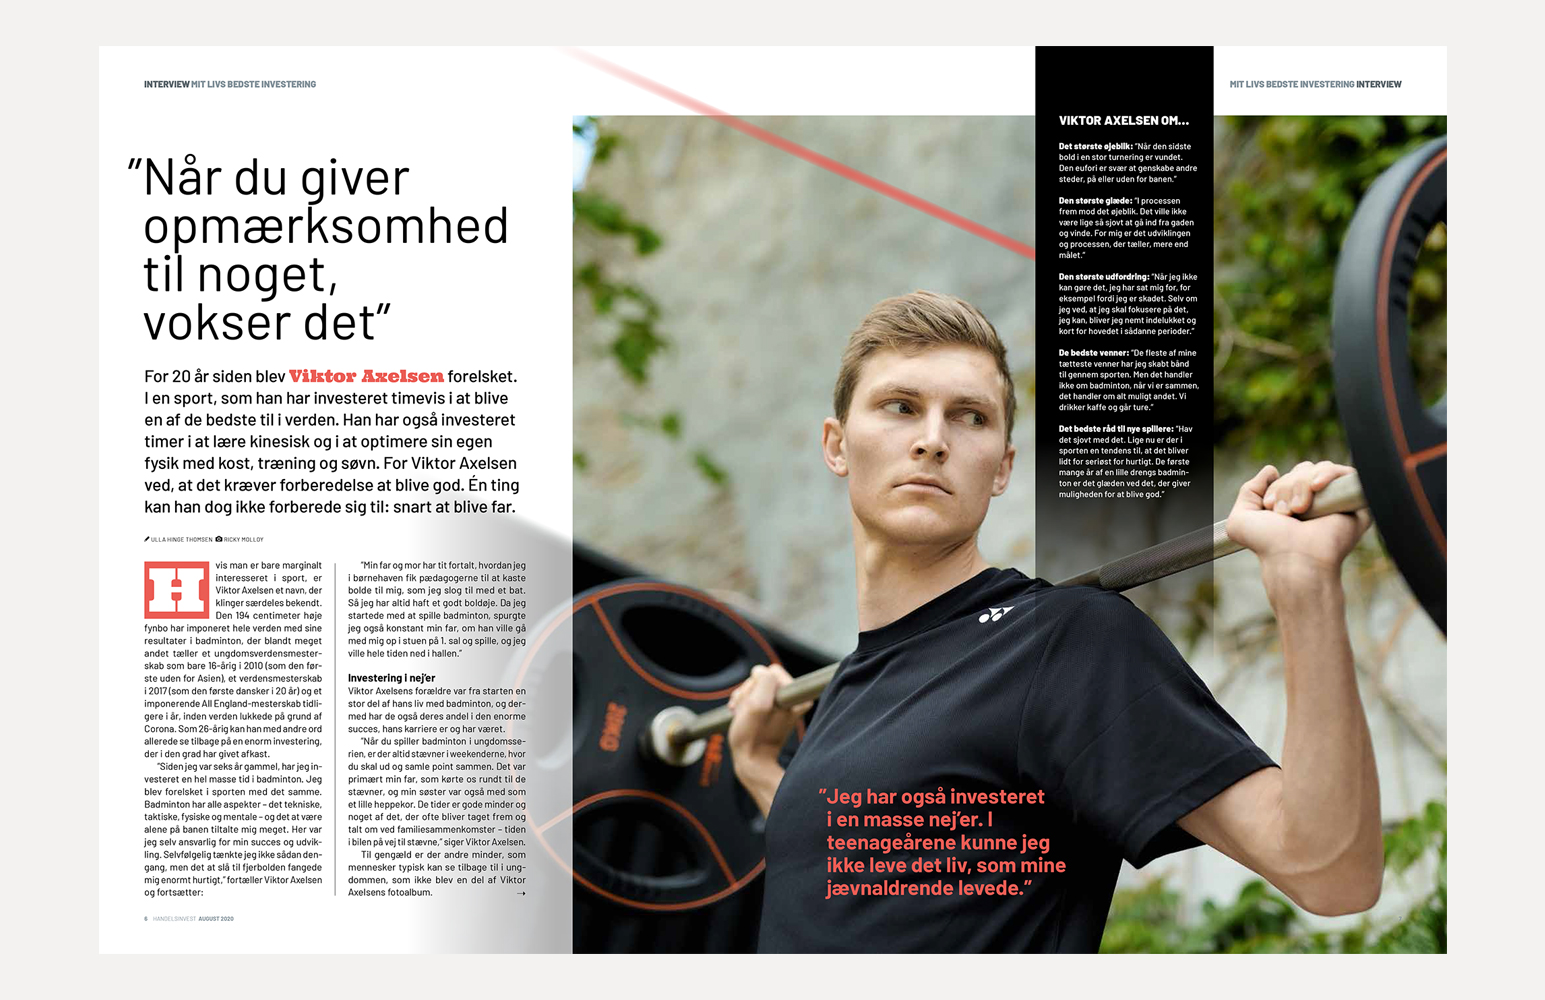 Handelsinvest - Viktor Axelsen